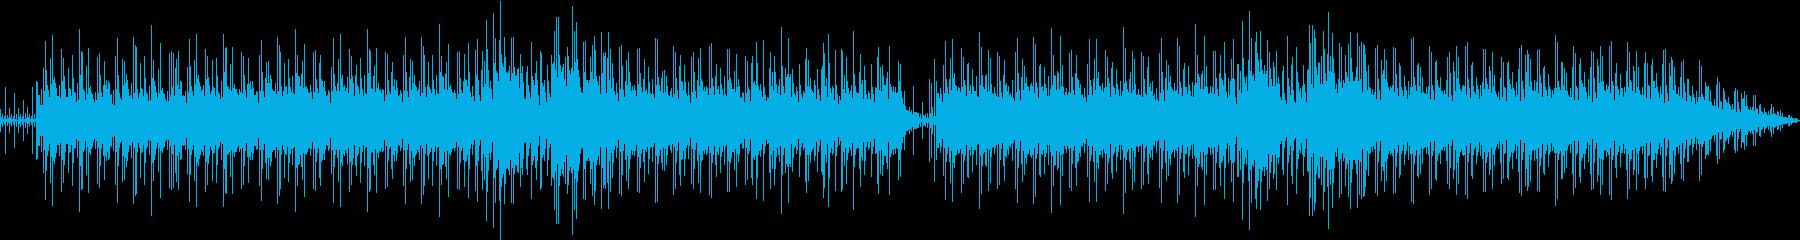 穏やかでのんびりなインストポップの再生済みの波形